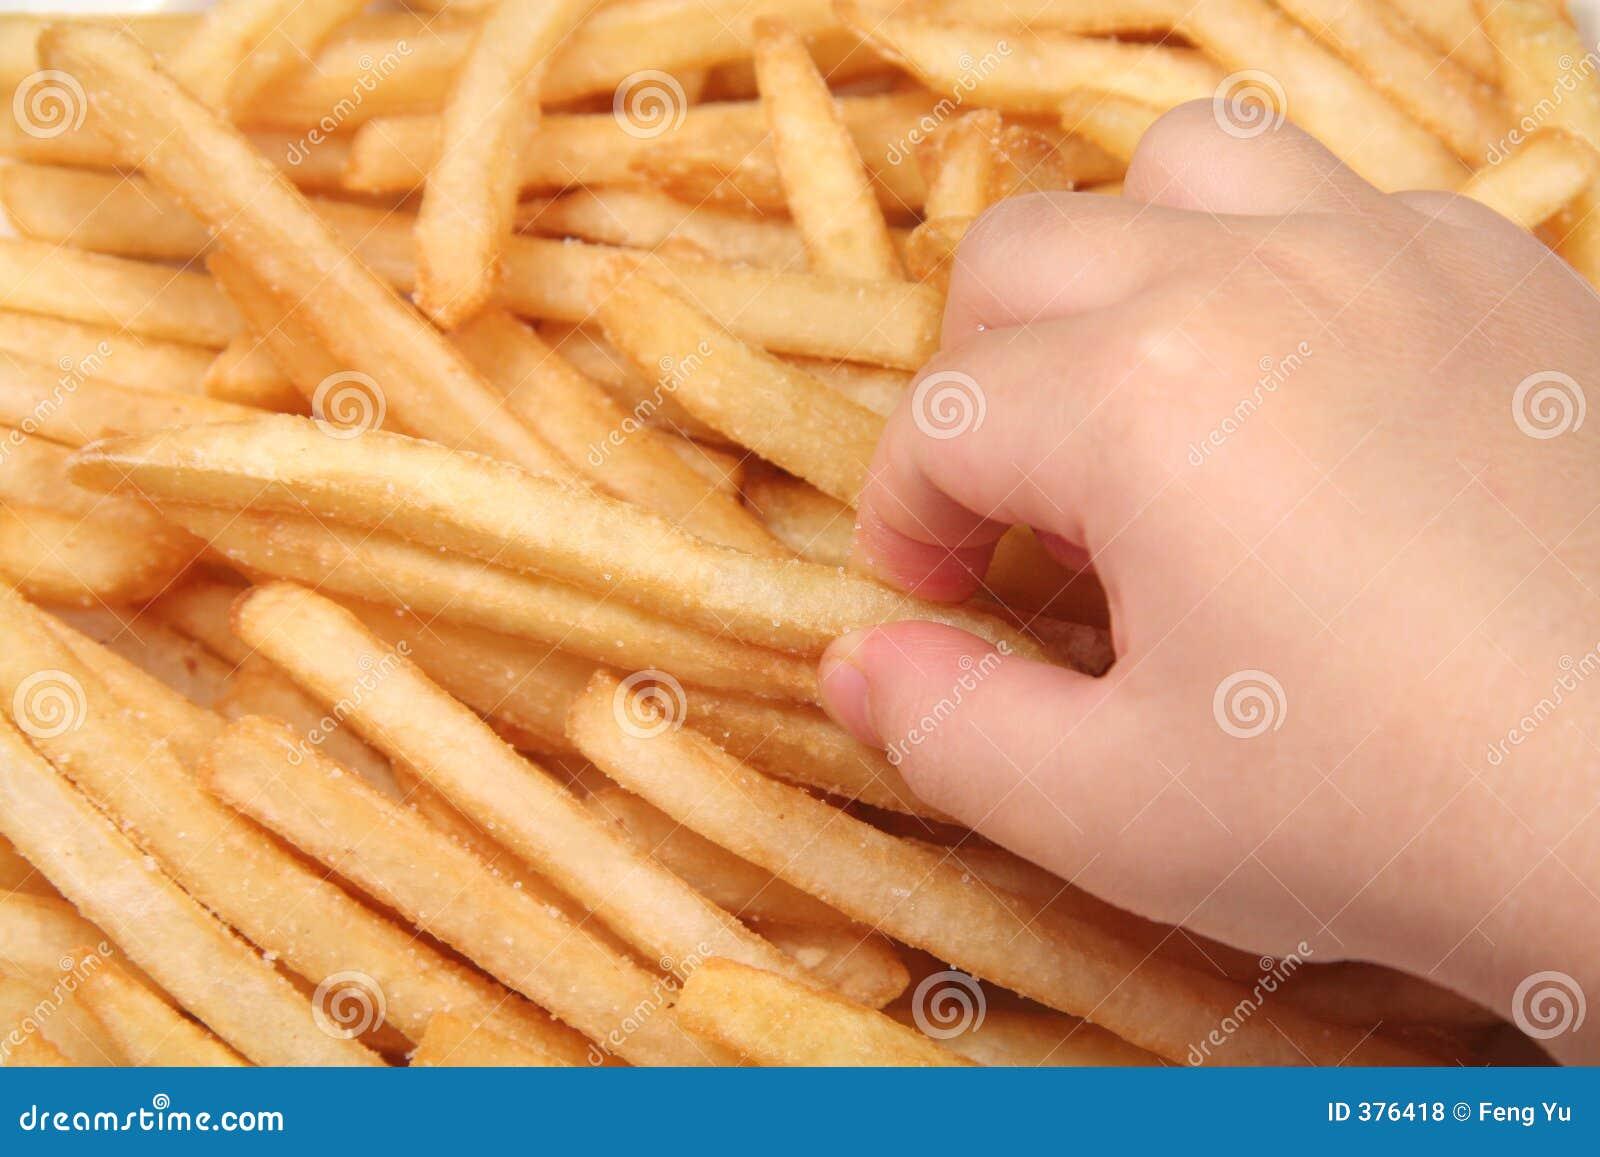 Barnfransmannen steker handen